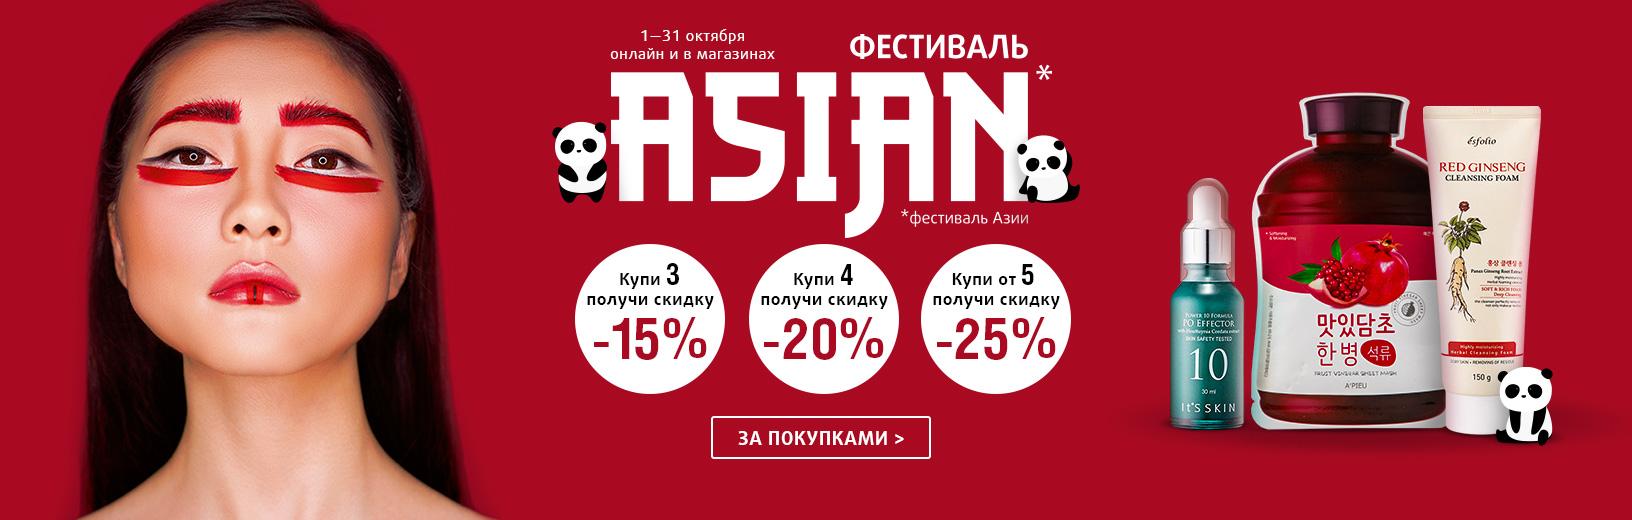 Фестиваль Азии: скидка до 25%!